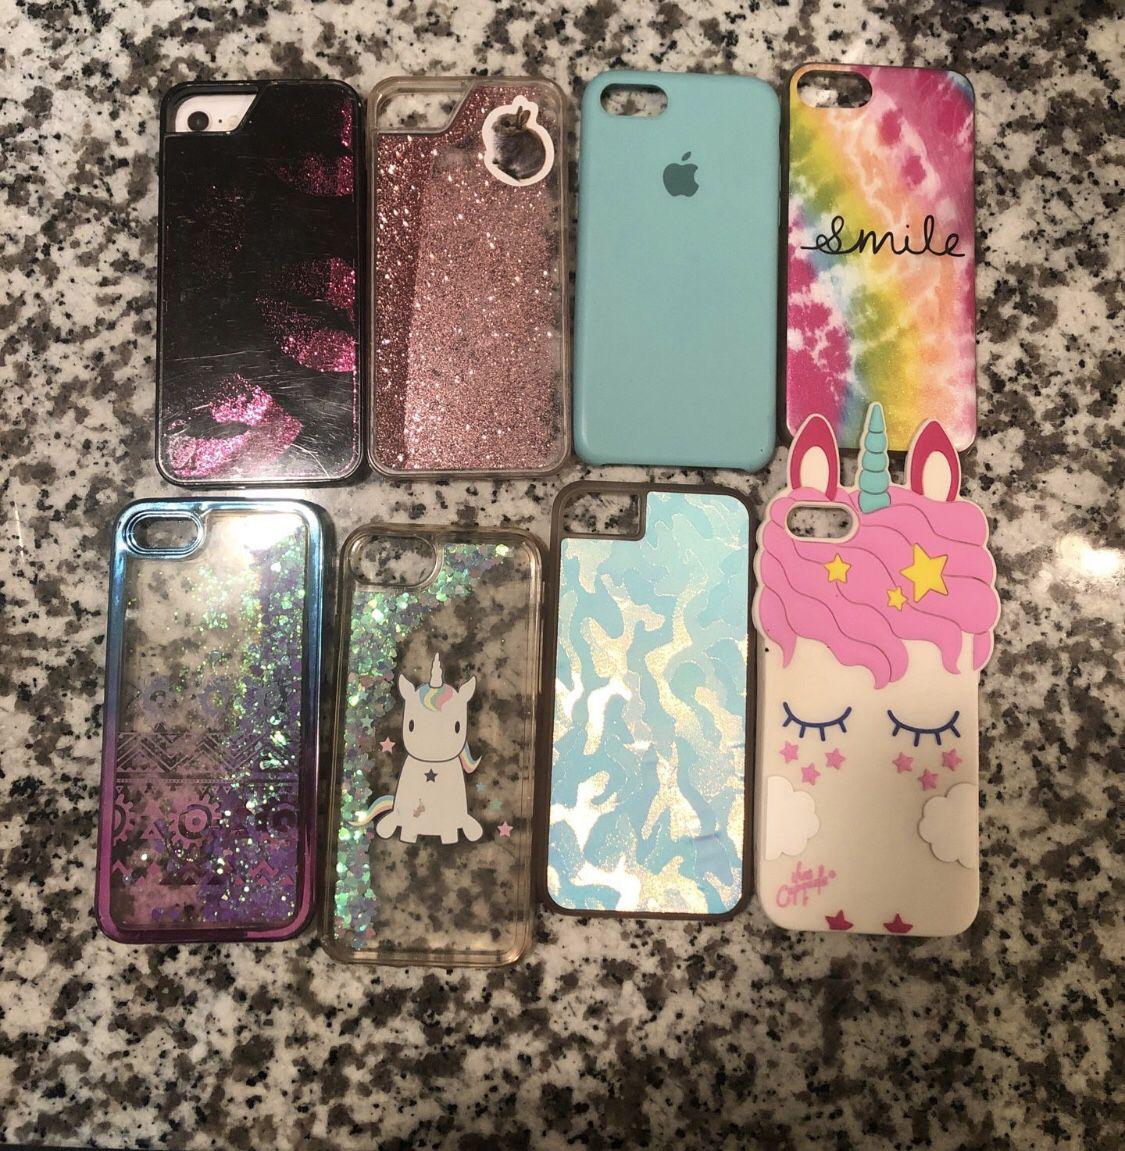 iPhone 7 / 8 Cases